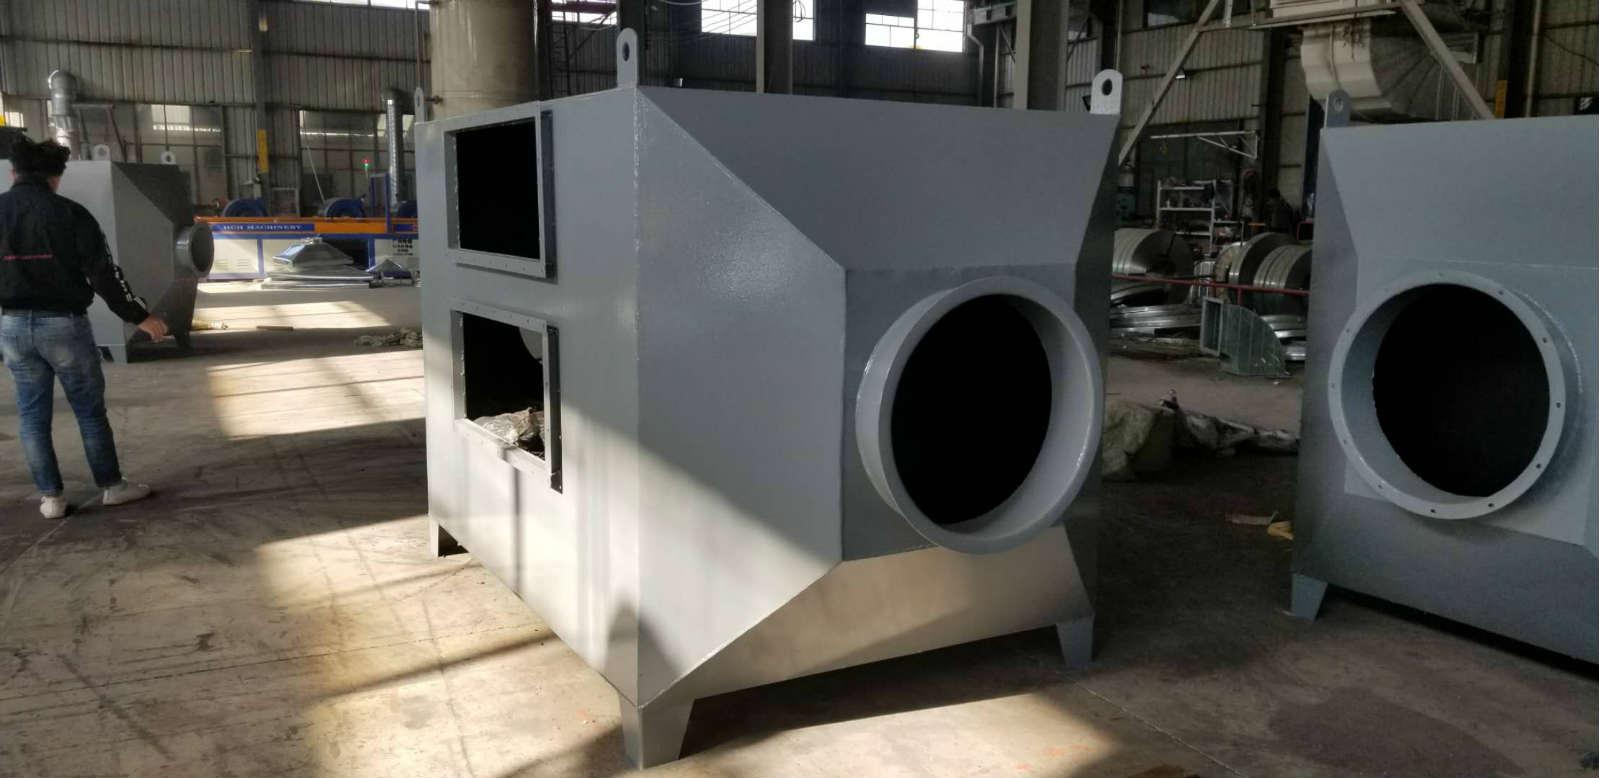 宁波废气处理设备-镇海激光加工-专业废气处理厂家